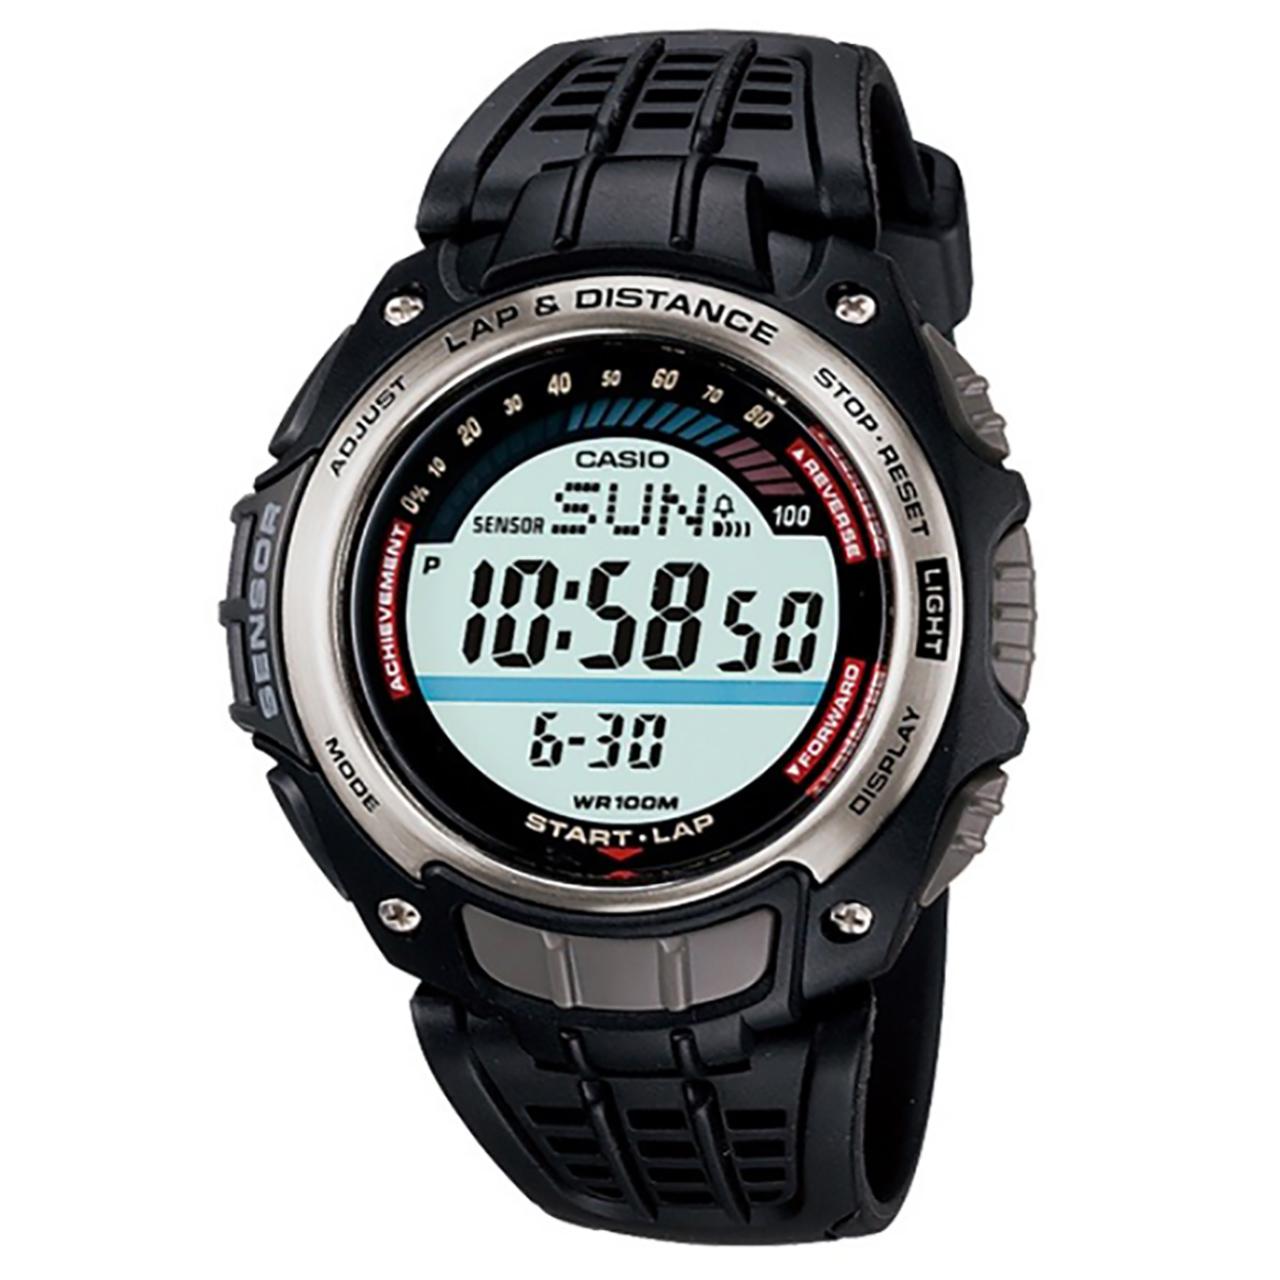 ساعت مچی دیجیتالی کاسیو مدل SGW-200-1VDR